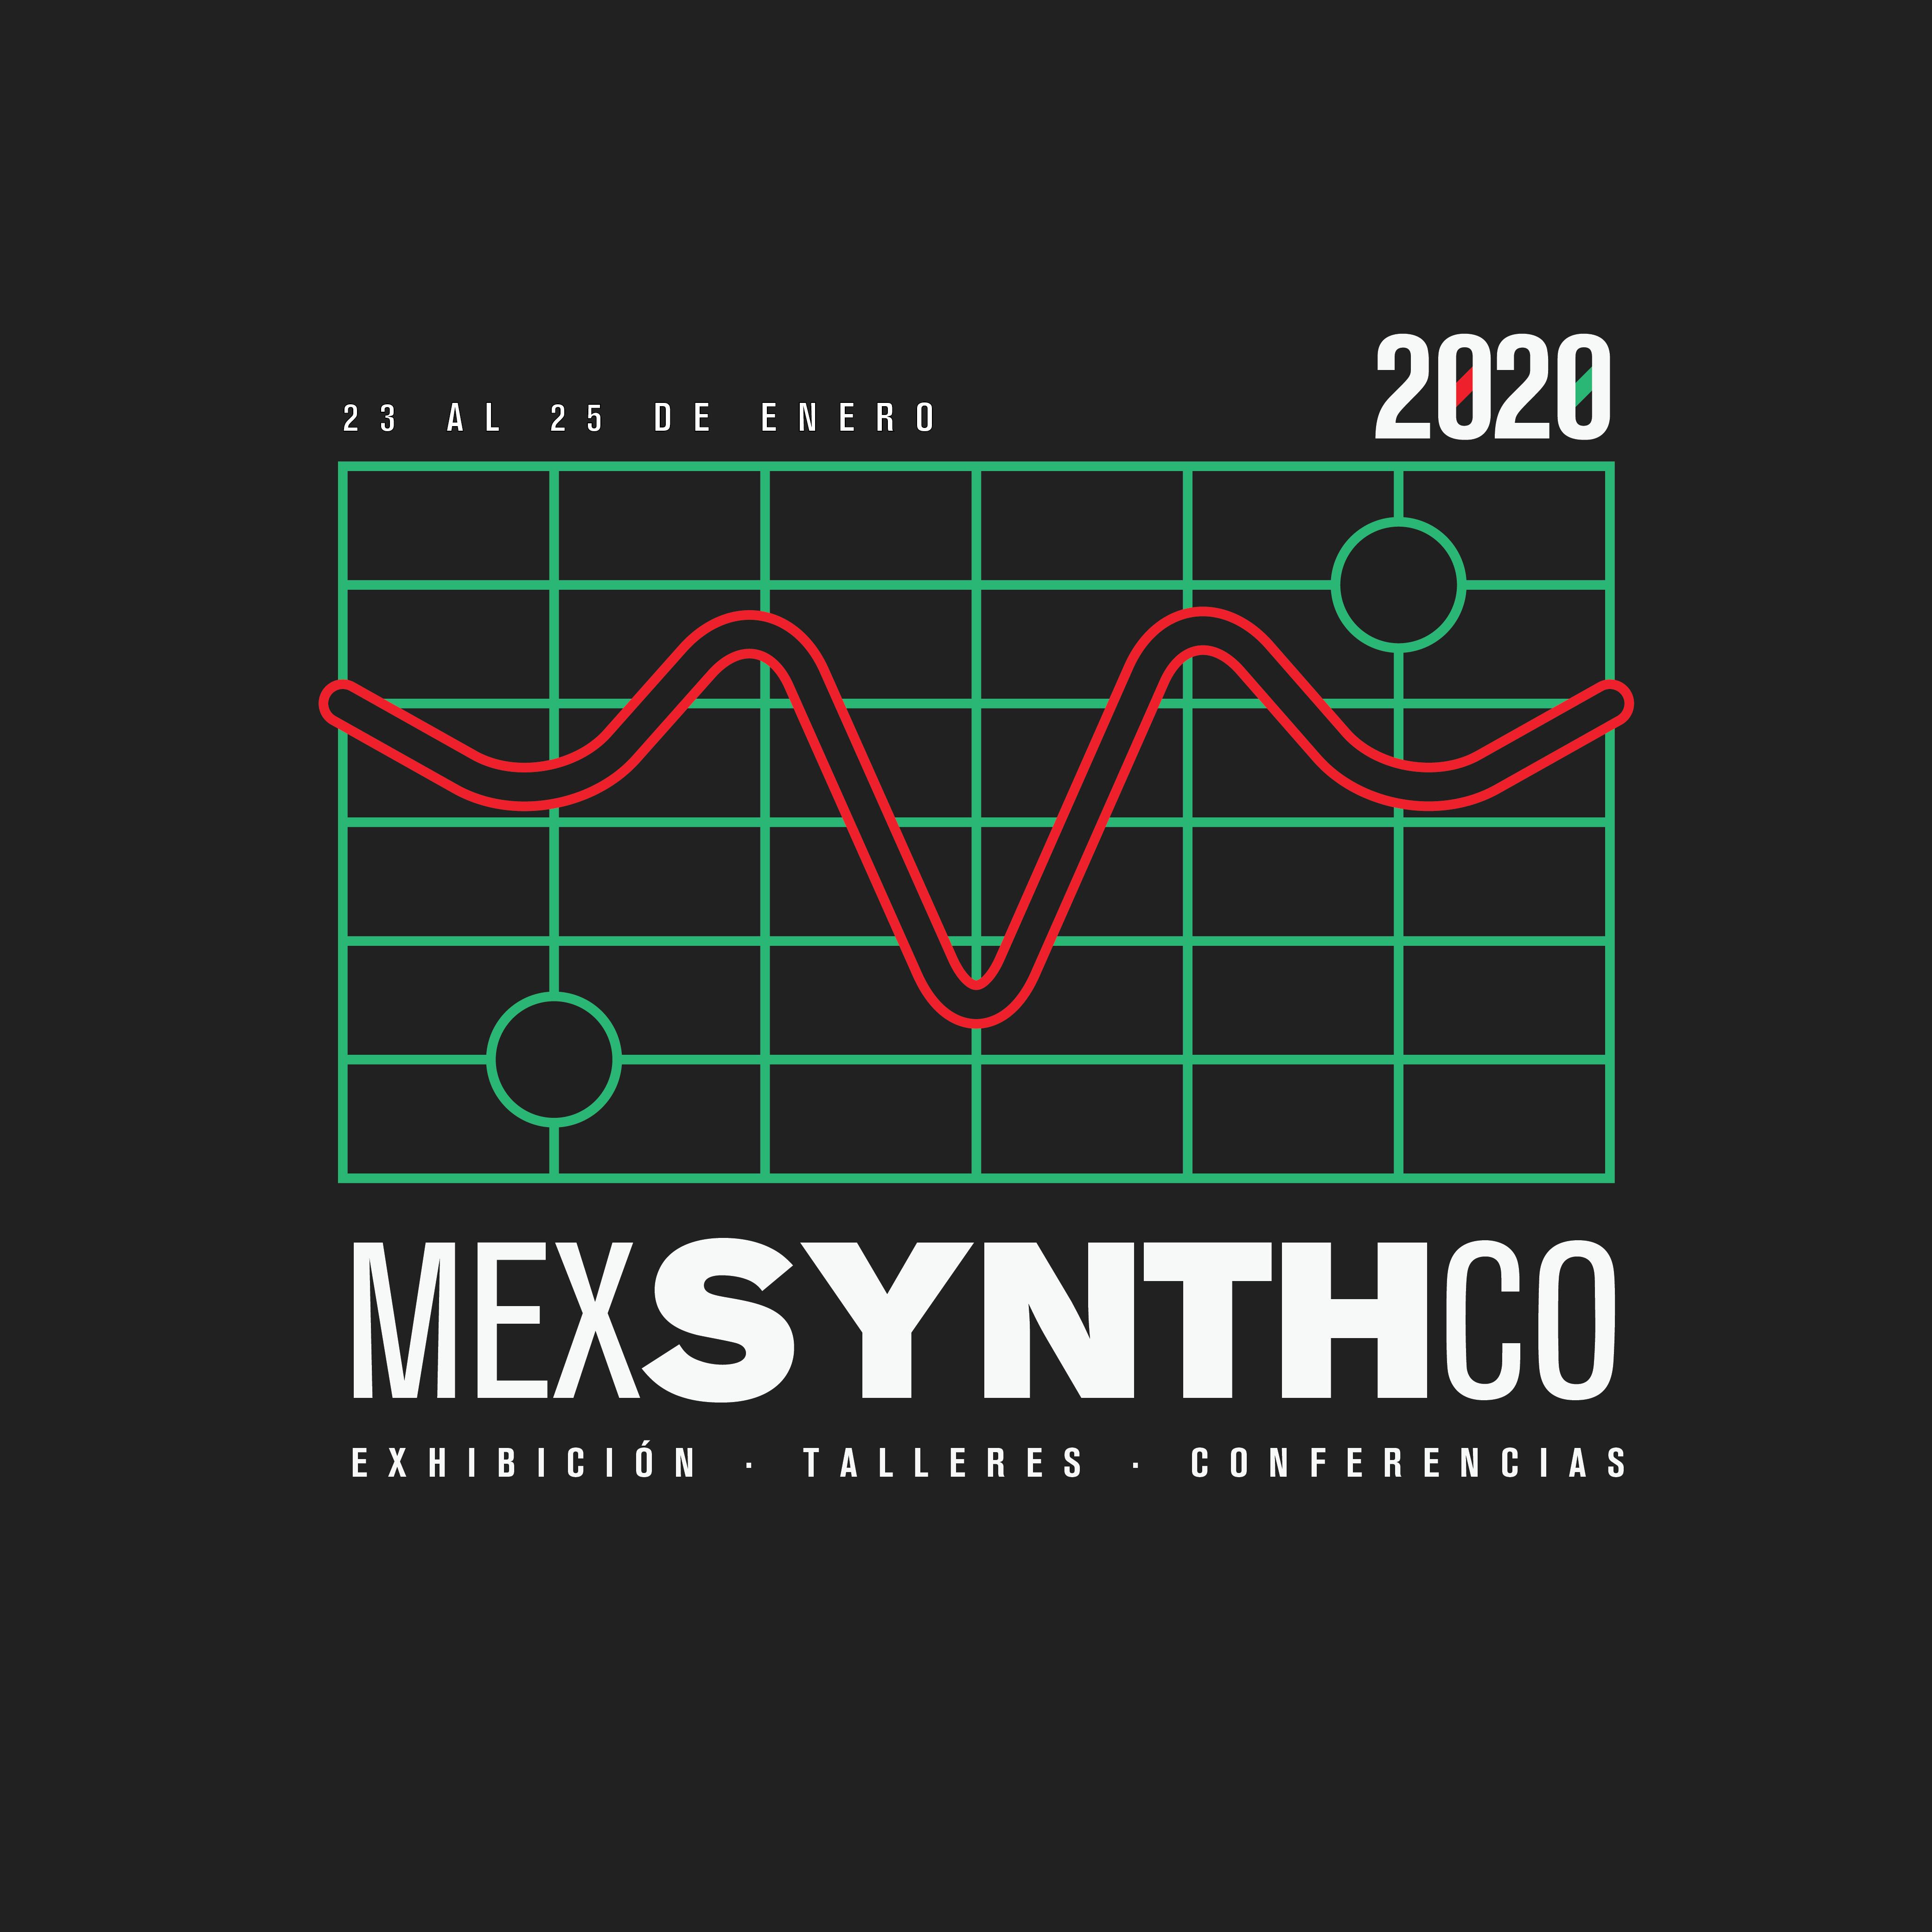 MexSynthCo 2020